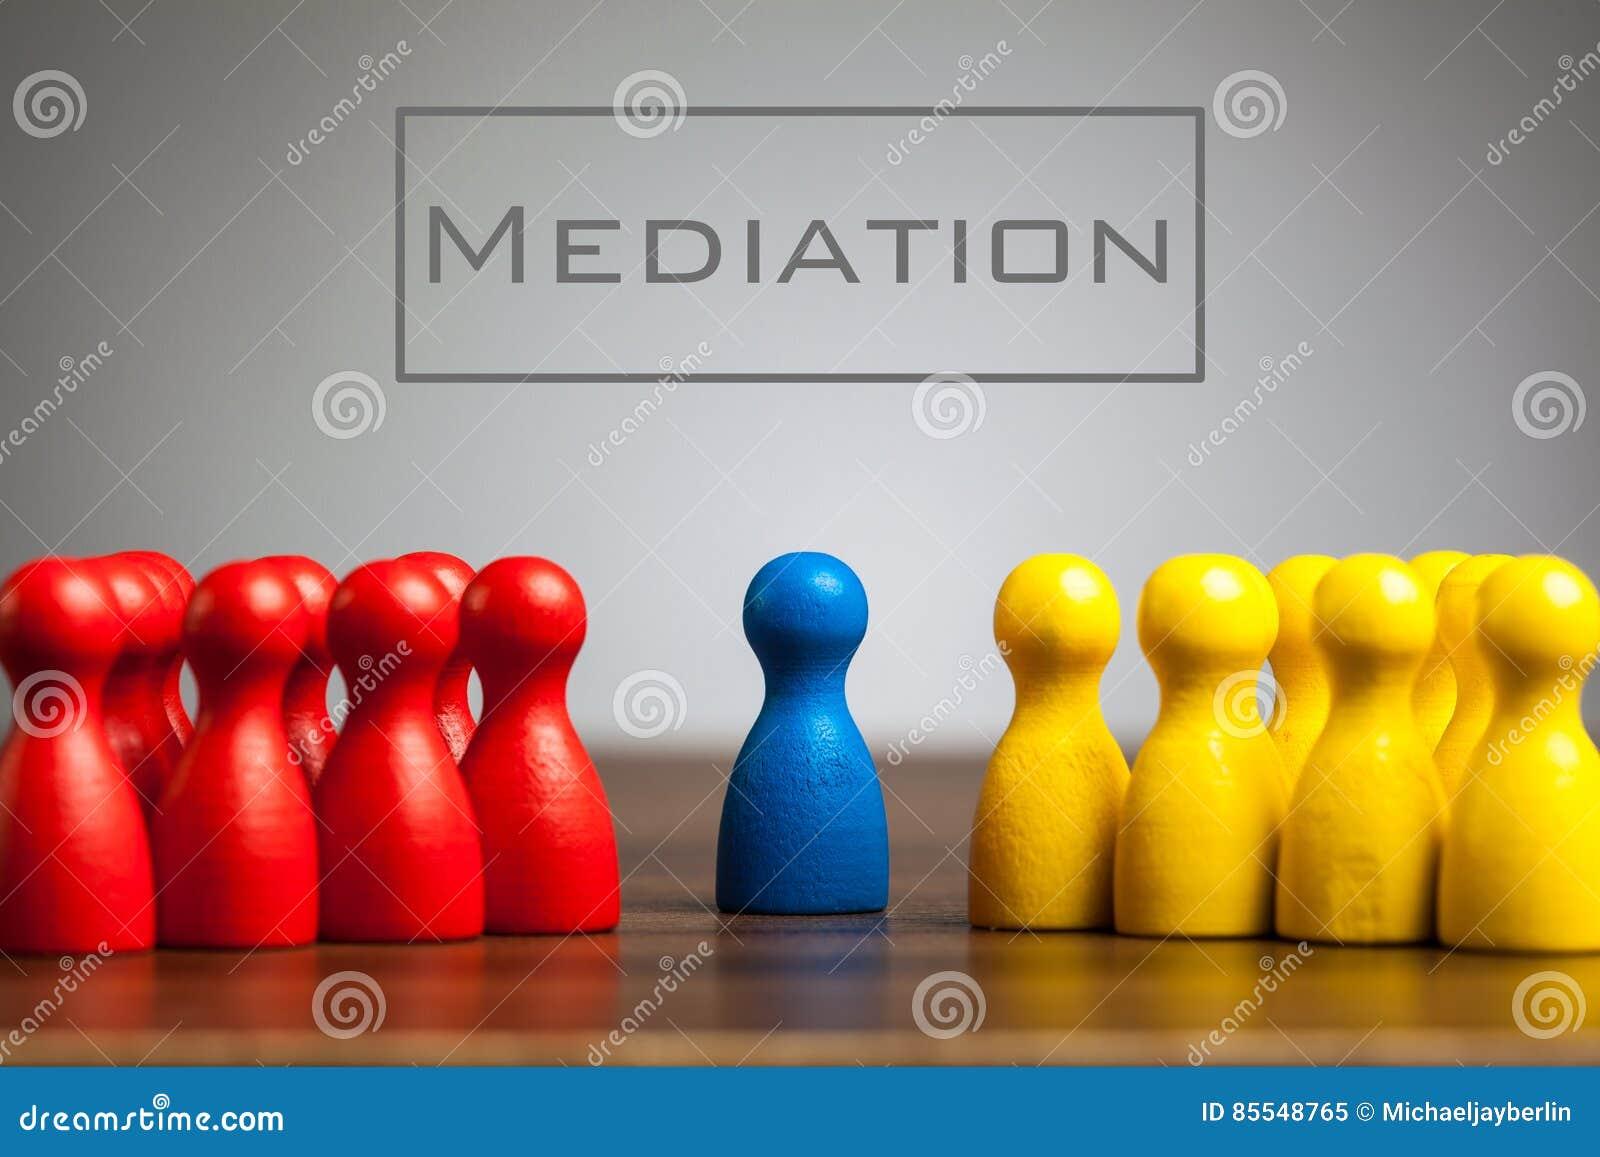 Concetto di mediazione con le figurine del pegno sulla tavola